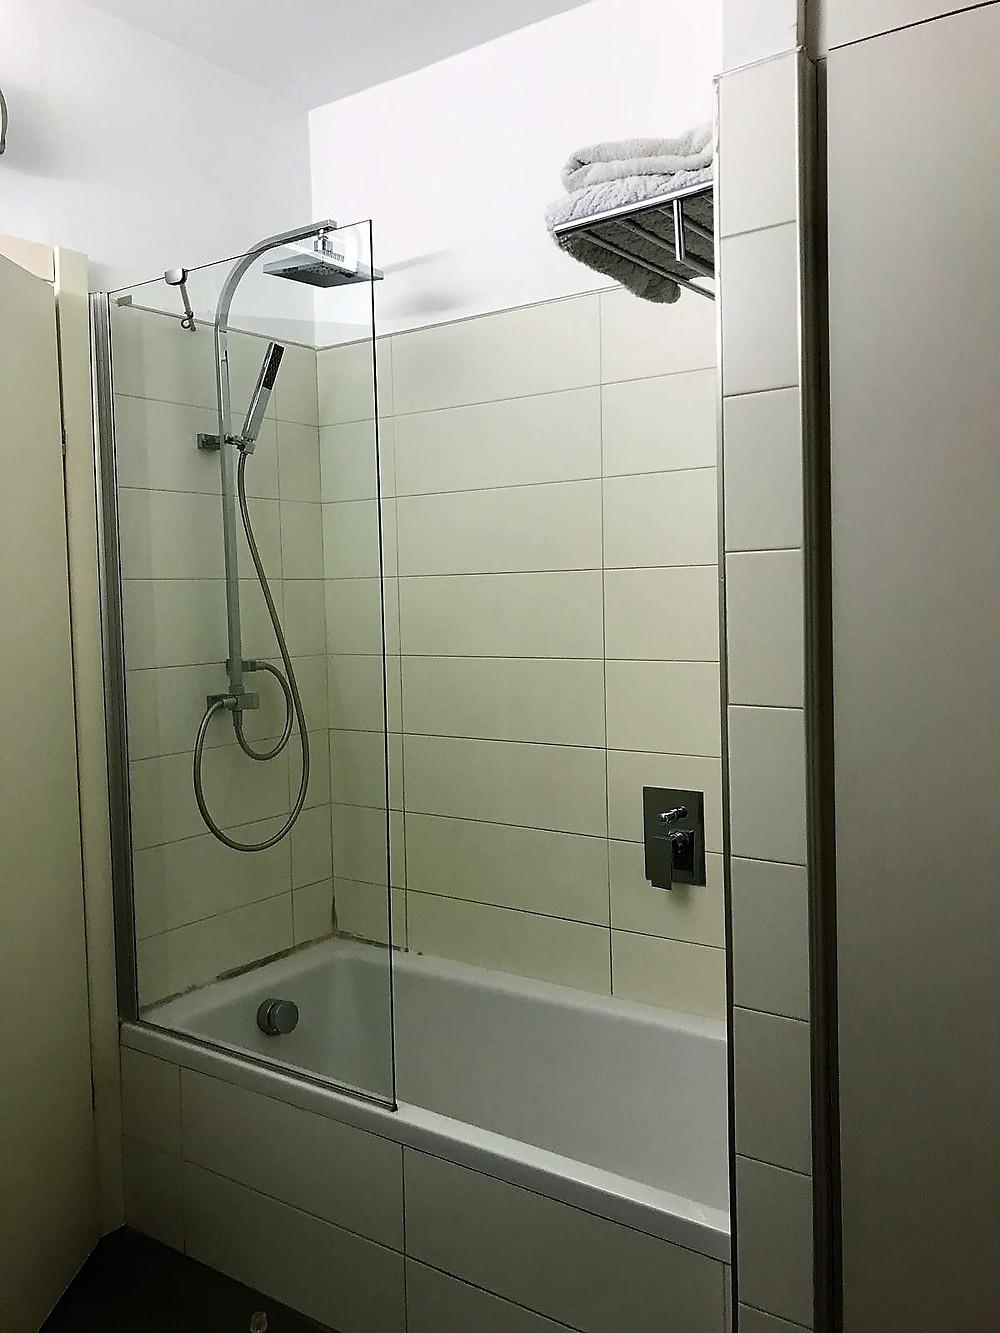 ארבעה חדרים למכירה ברחוב בבלי צפון תל אביב מקלחת וחדר אמבט משופצים